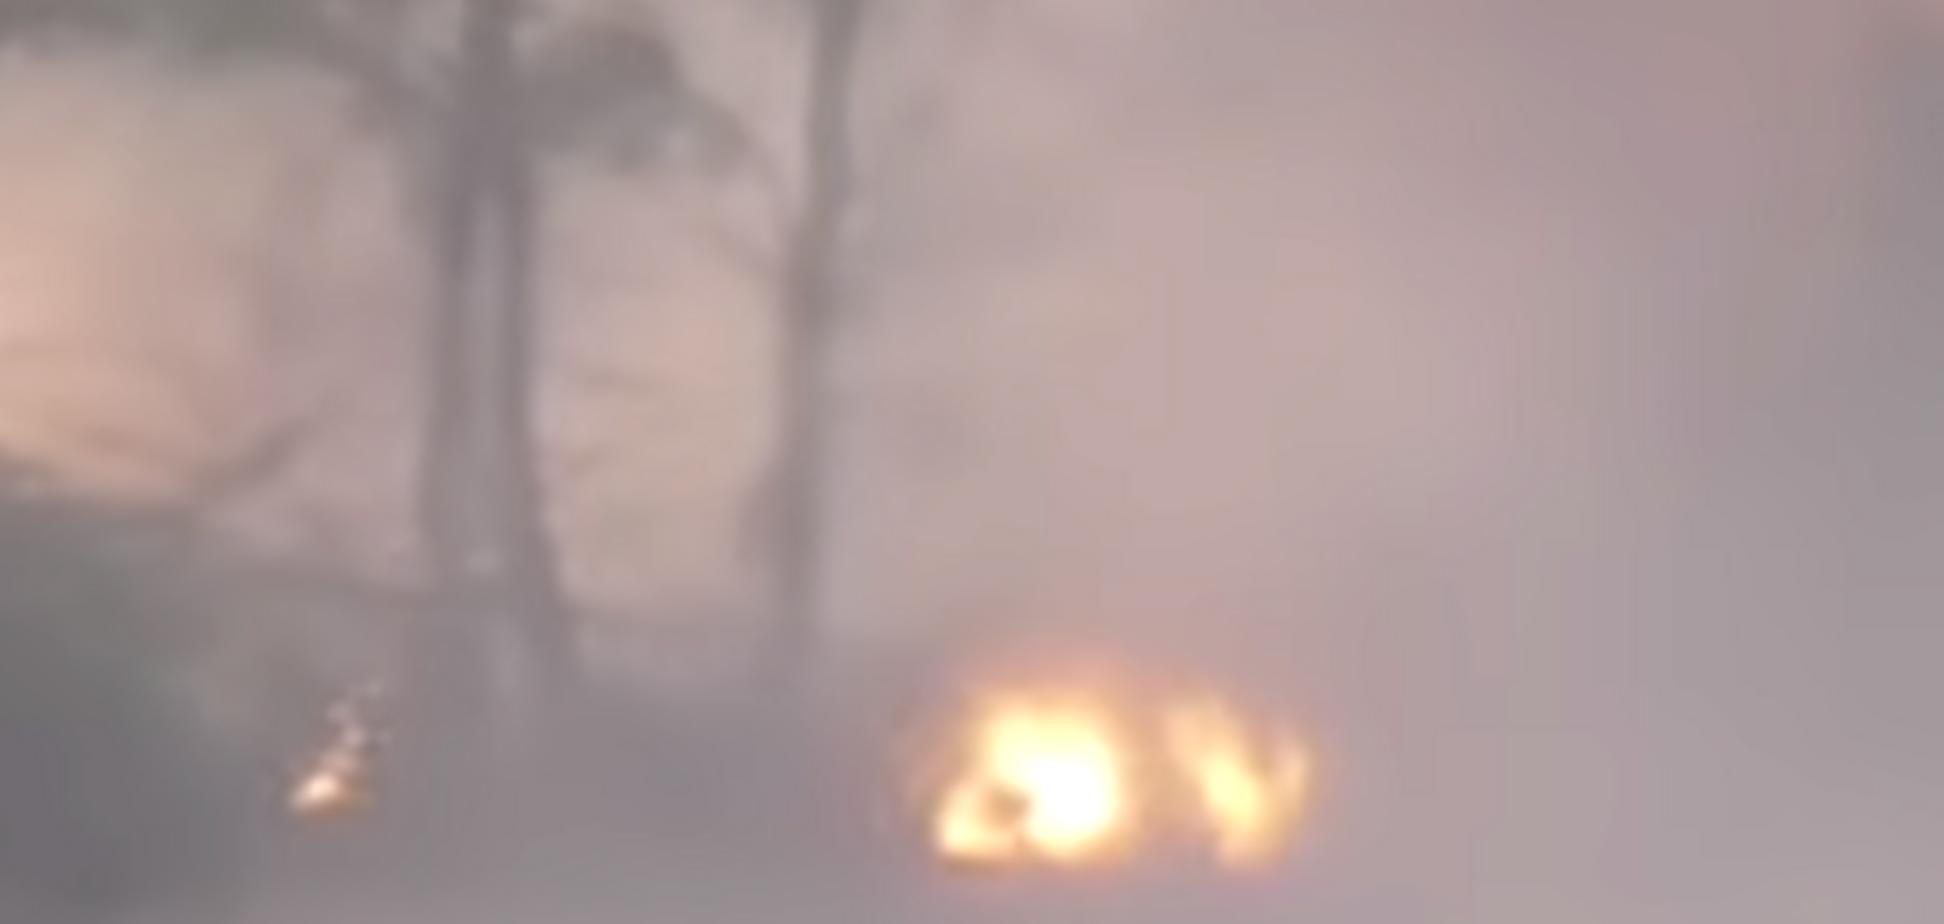 ''Карающий Молот'': пропагандисты Путина показали фейковый ''взрыв миномета'' в Украине